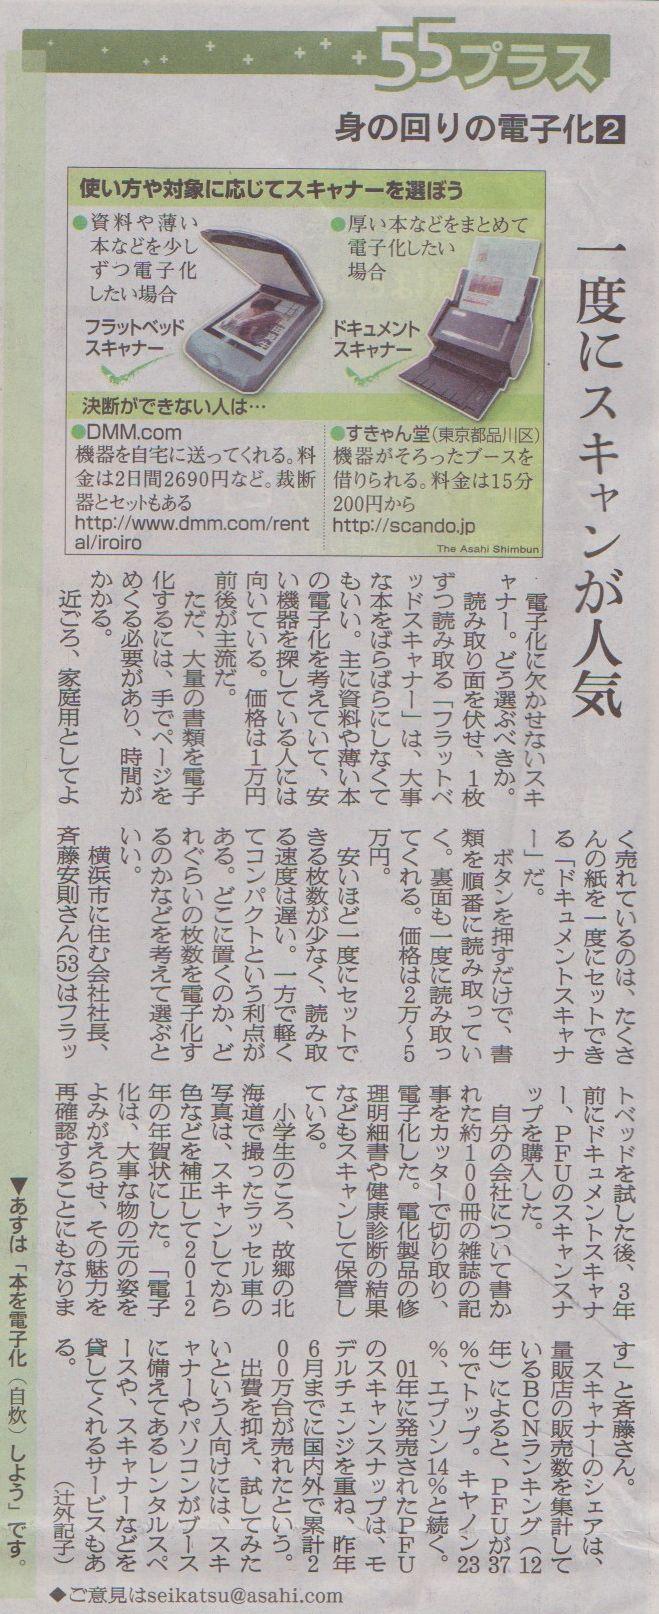 4月27日  ライオンズクラブ牛久周年行事_d0249595_9534040.jpg